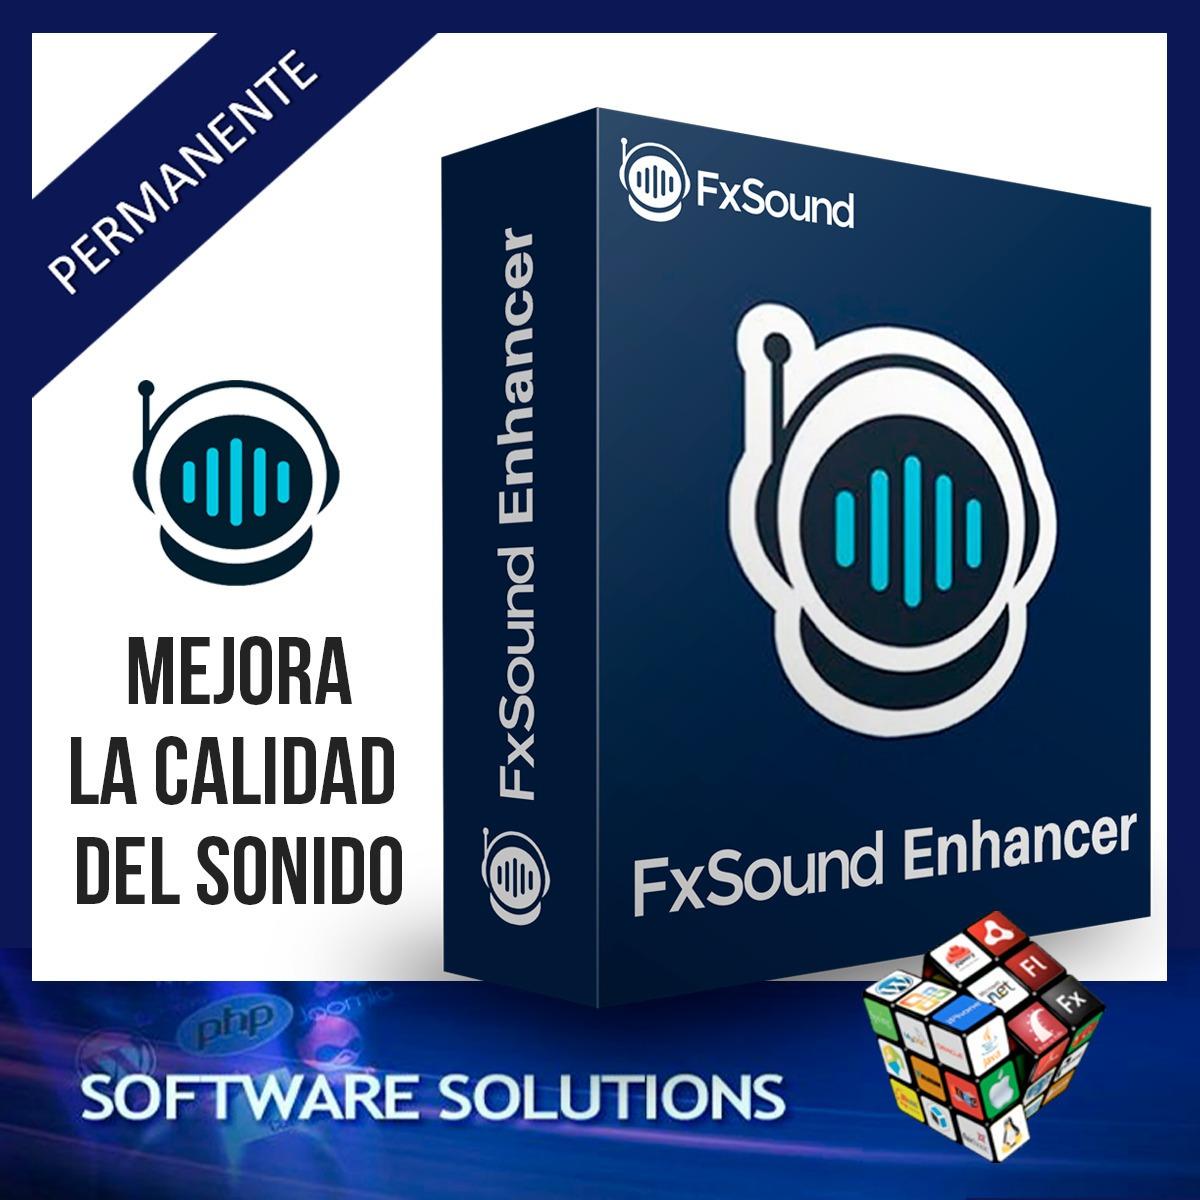 Fx Sound Enhancer Premium 2019 Mejora La Calidad Del Sonido